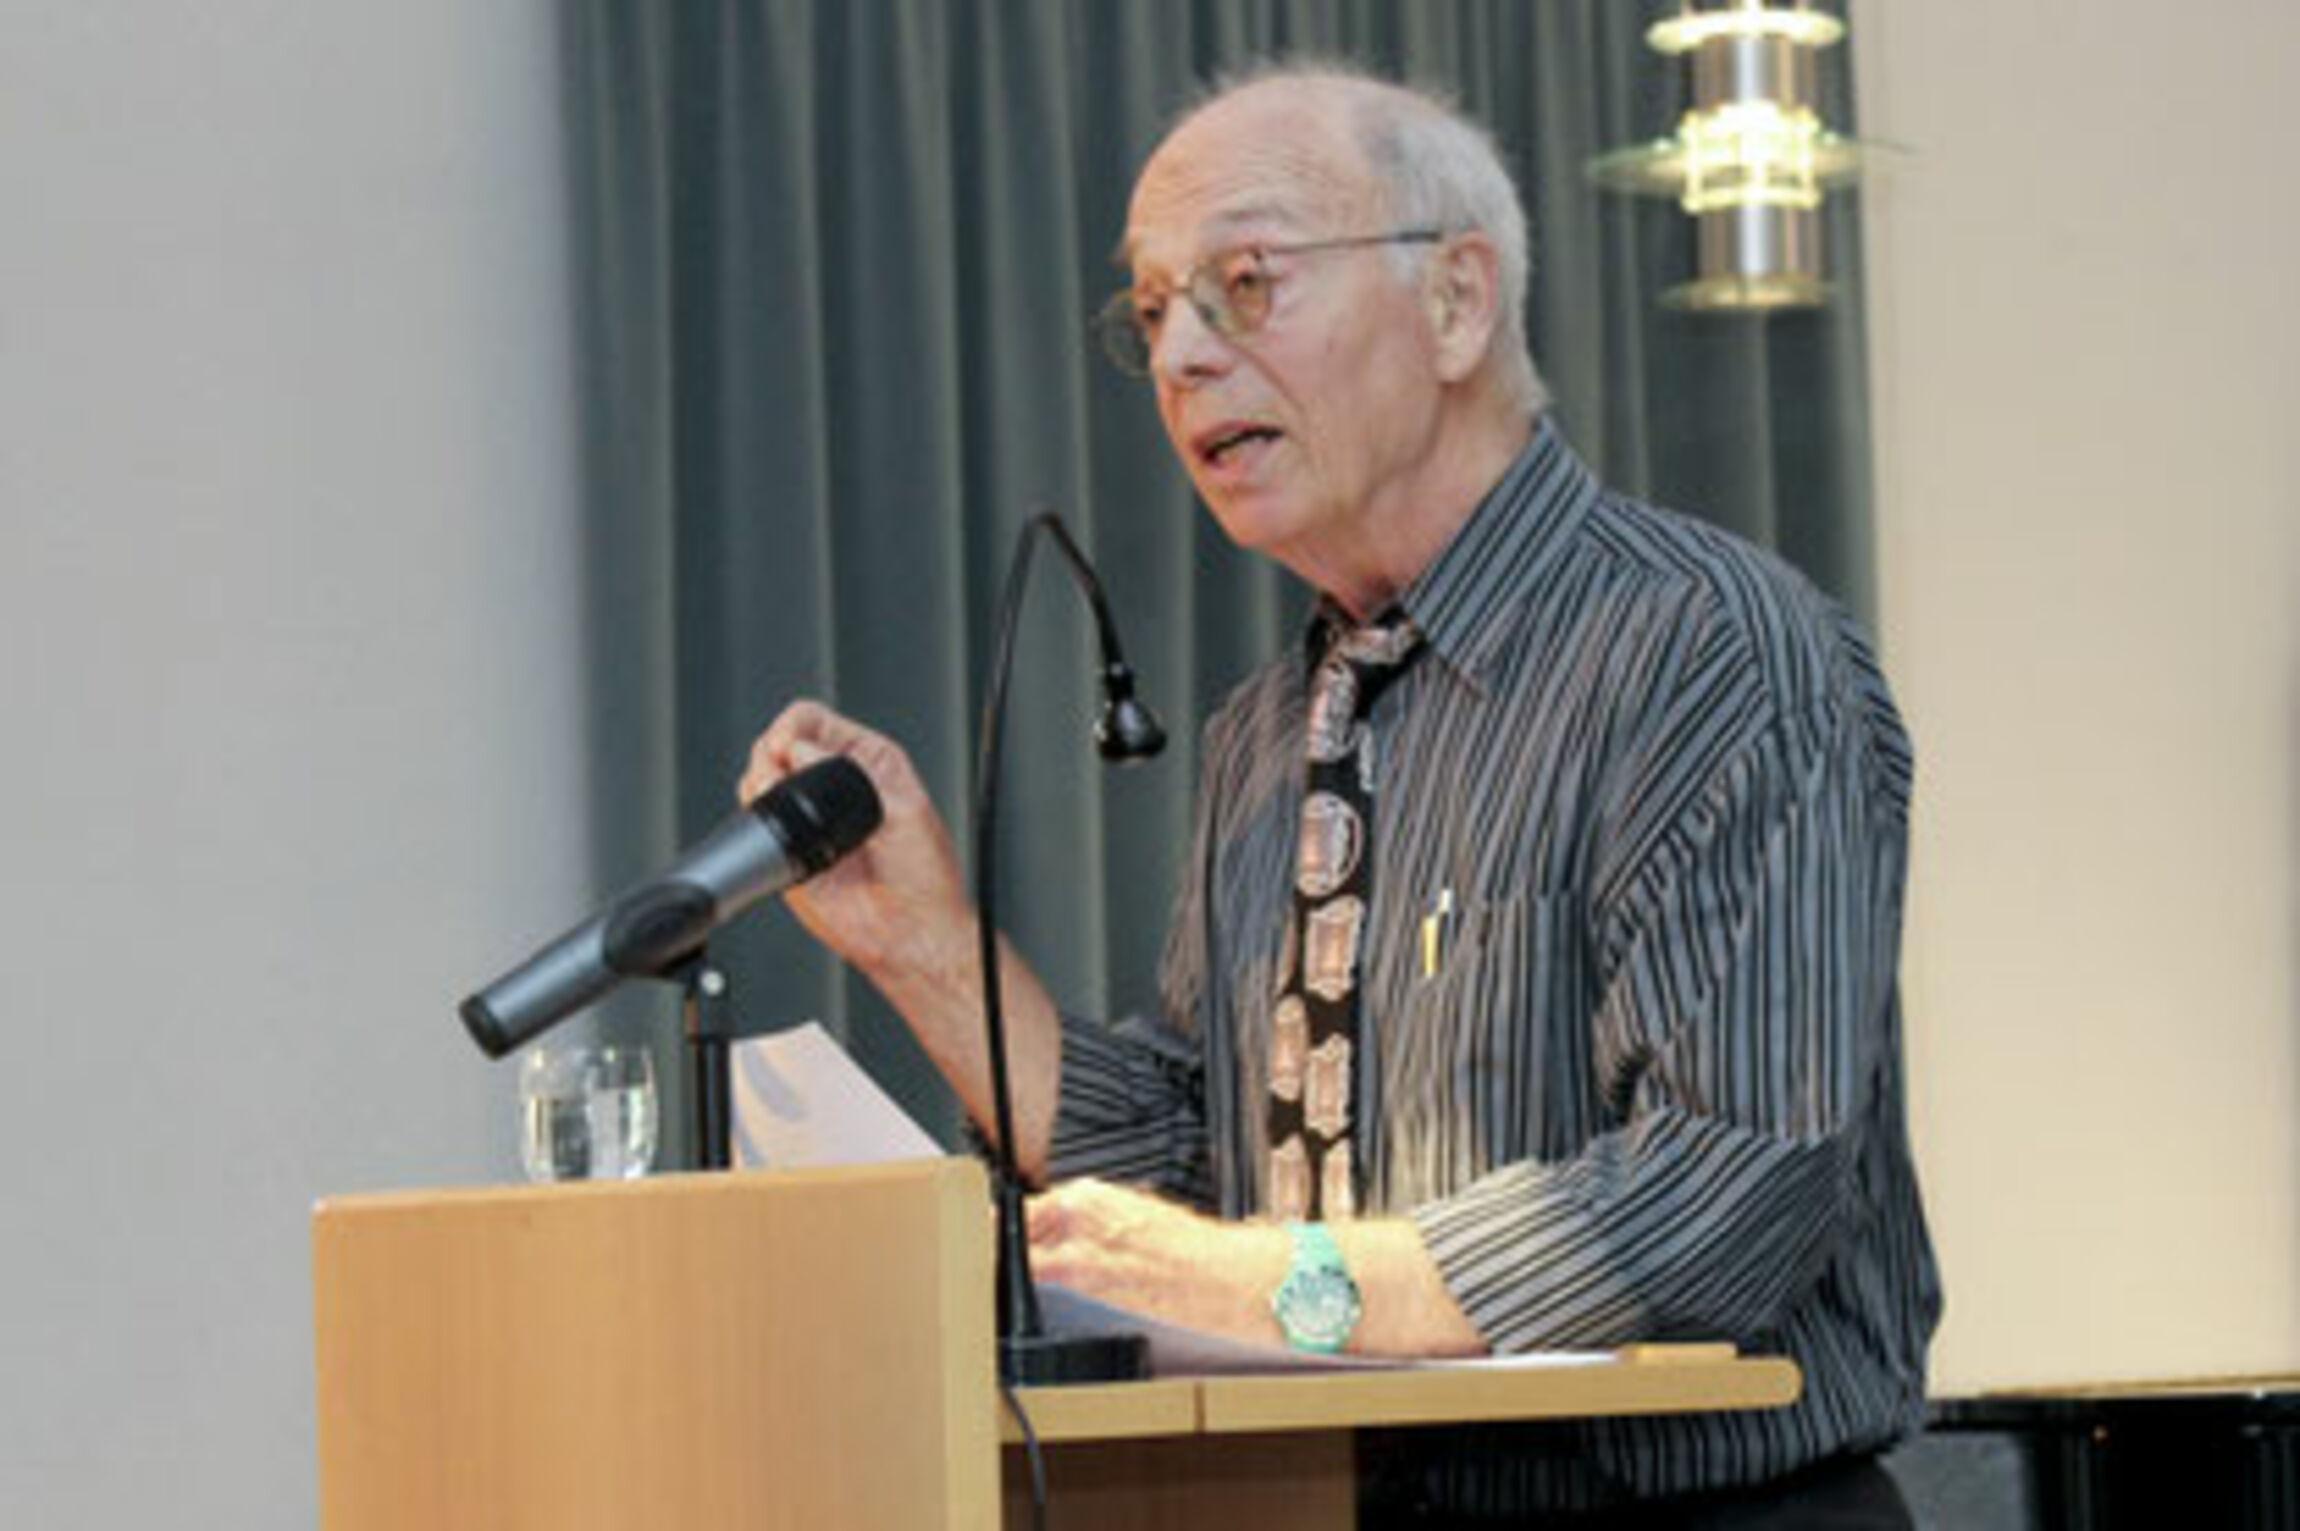 J.Gundlach